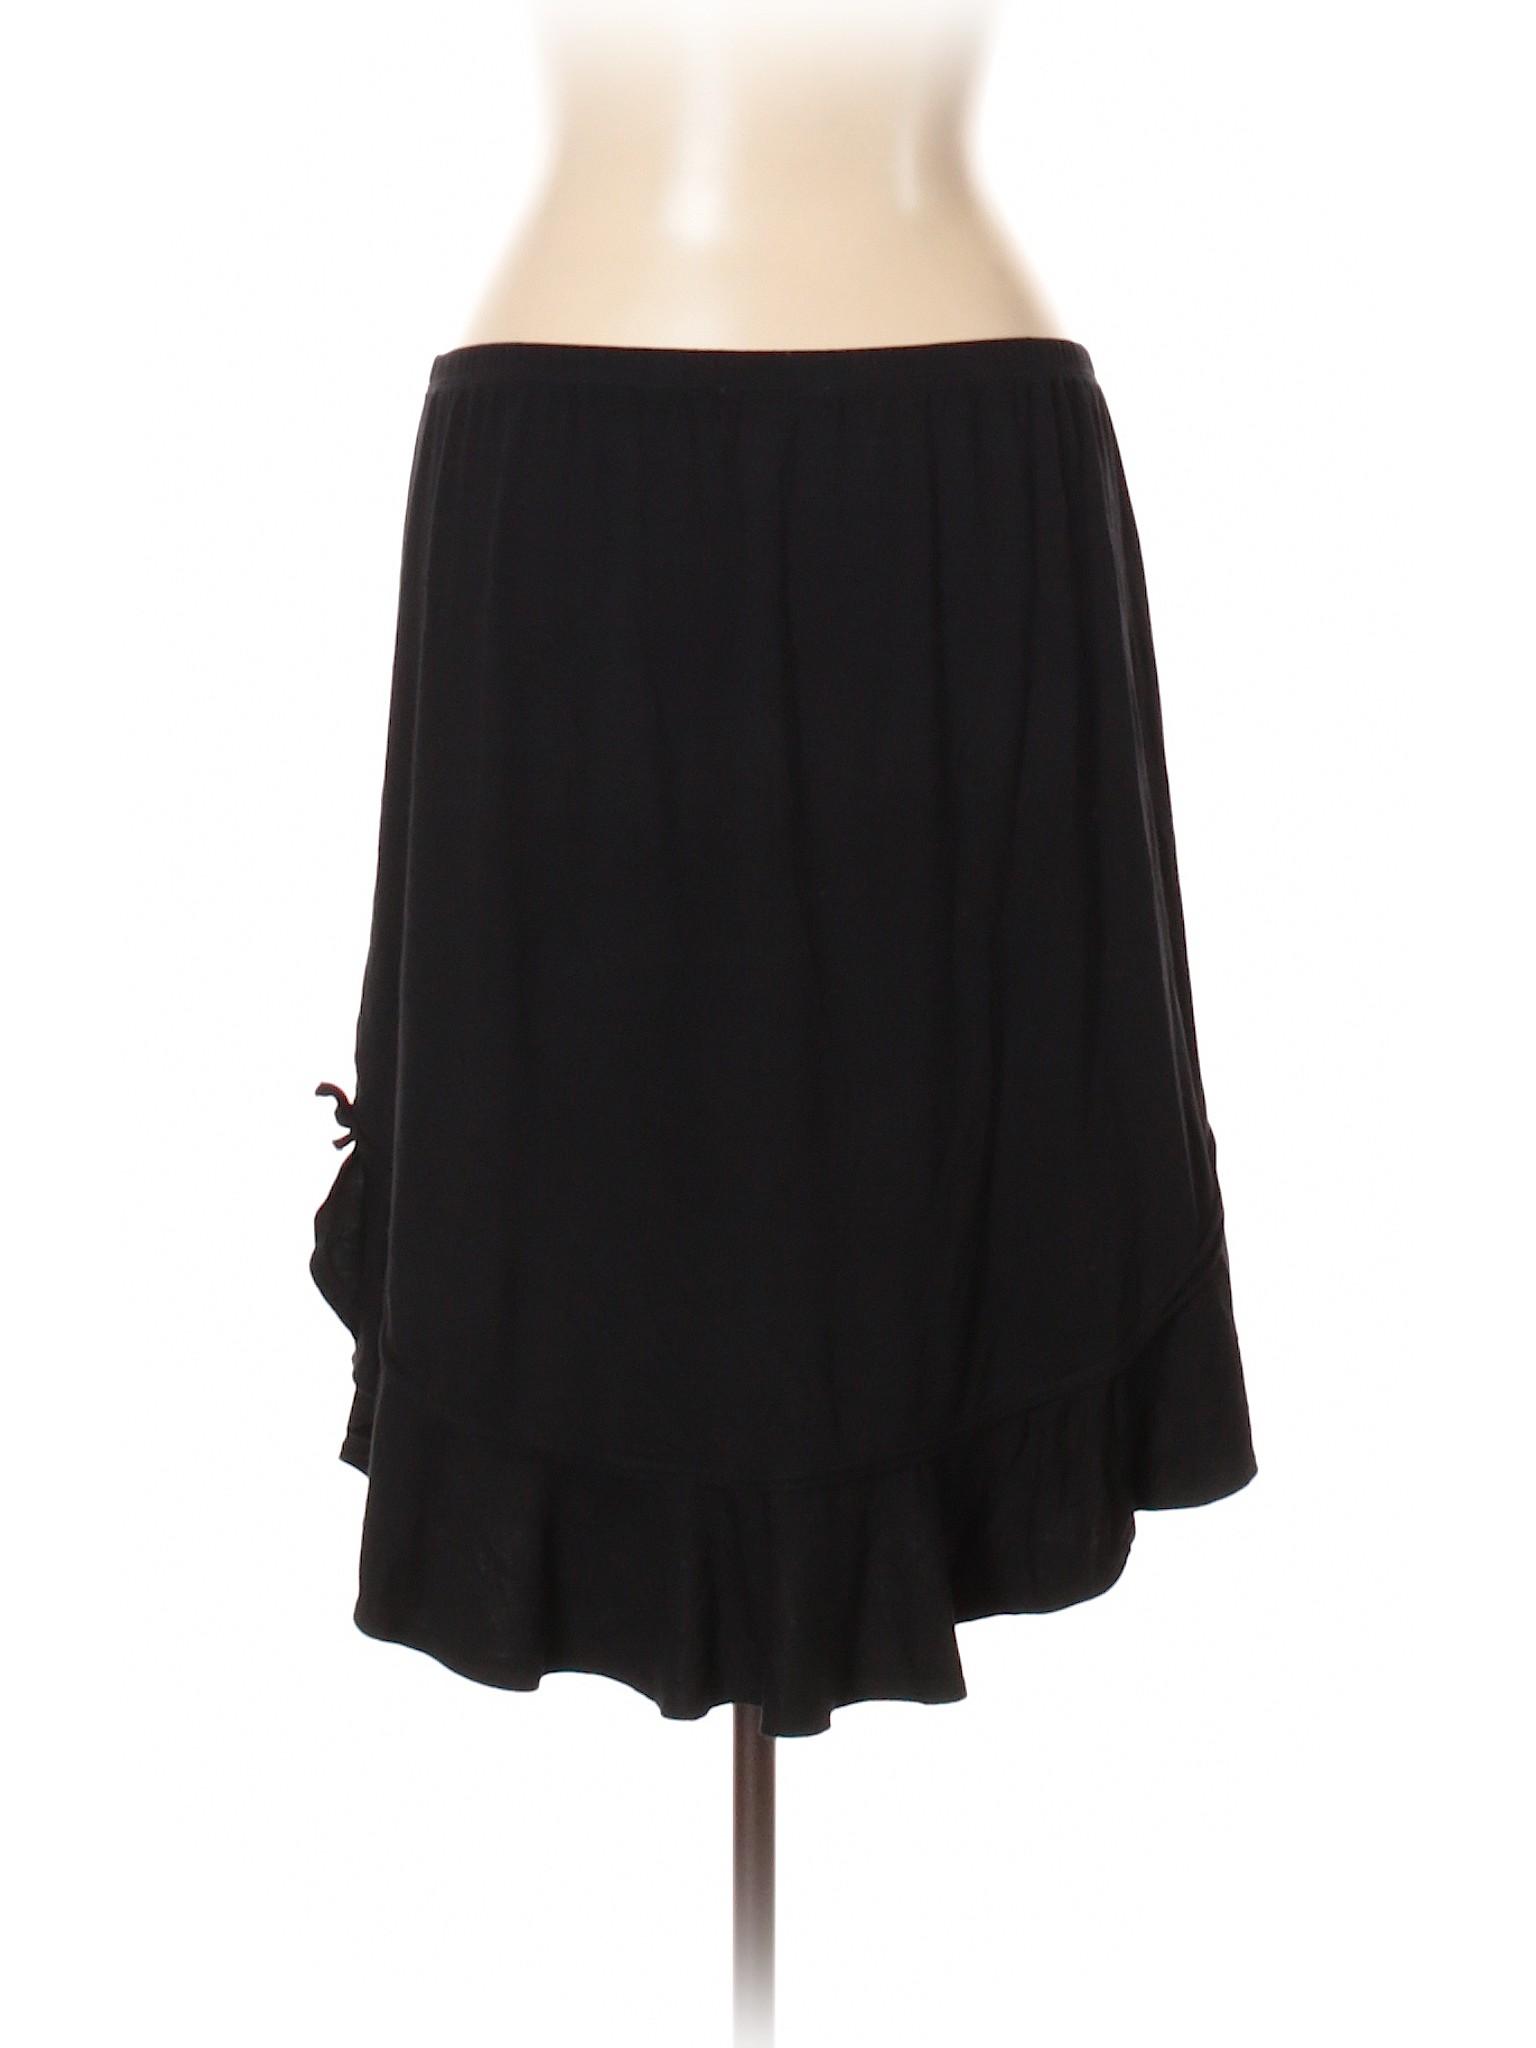 Boutique Casual Boutique Skirt Skirt Boutique Casual qBwpvgq